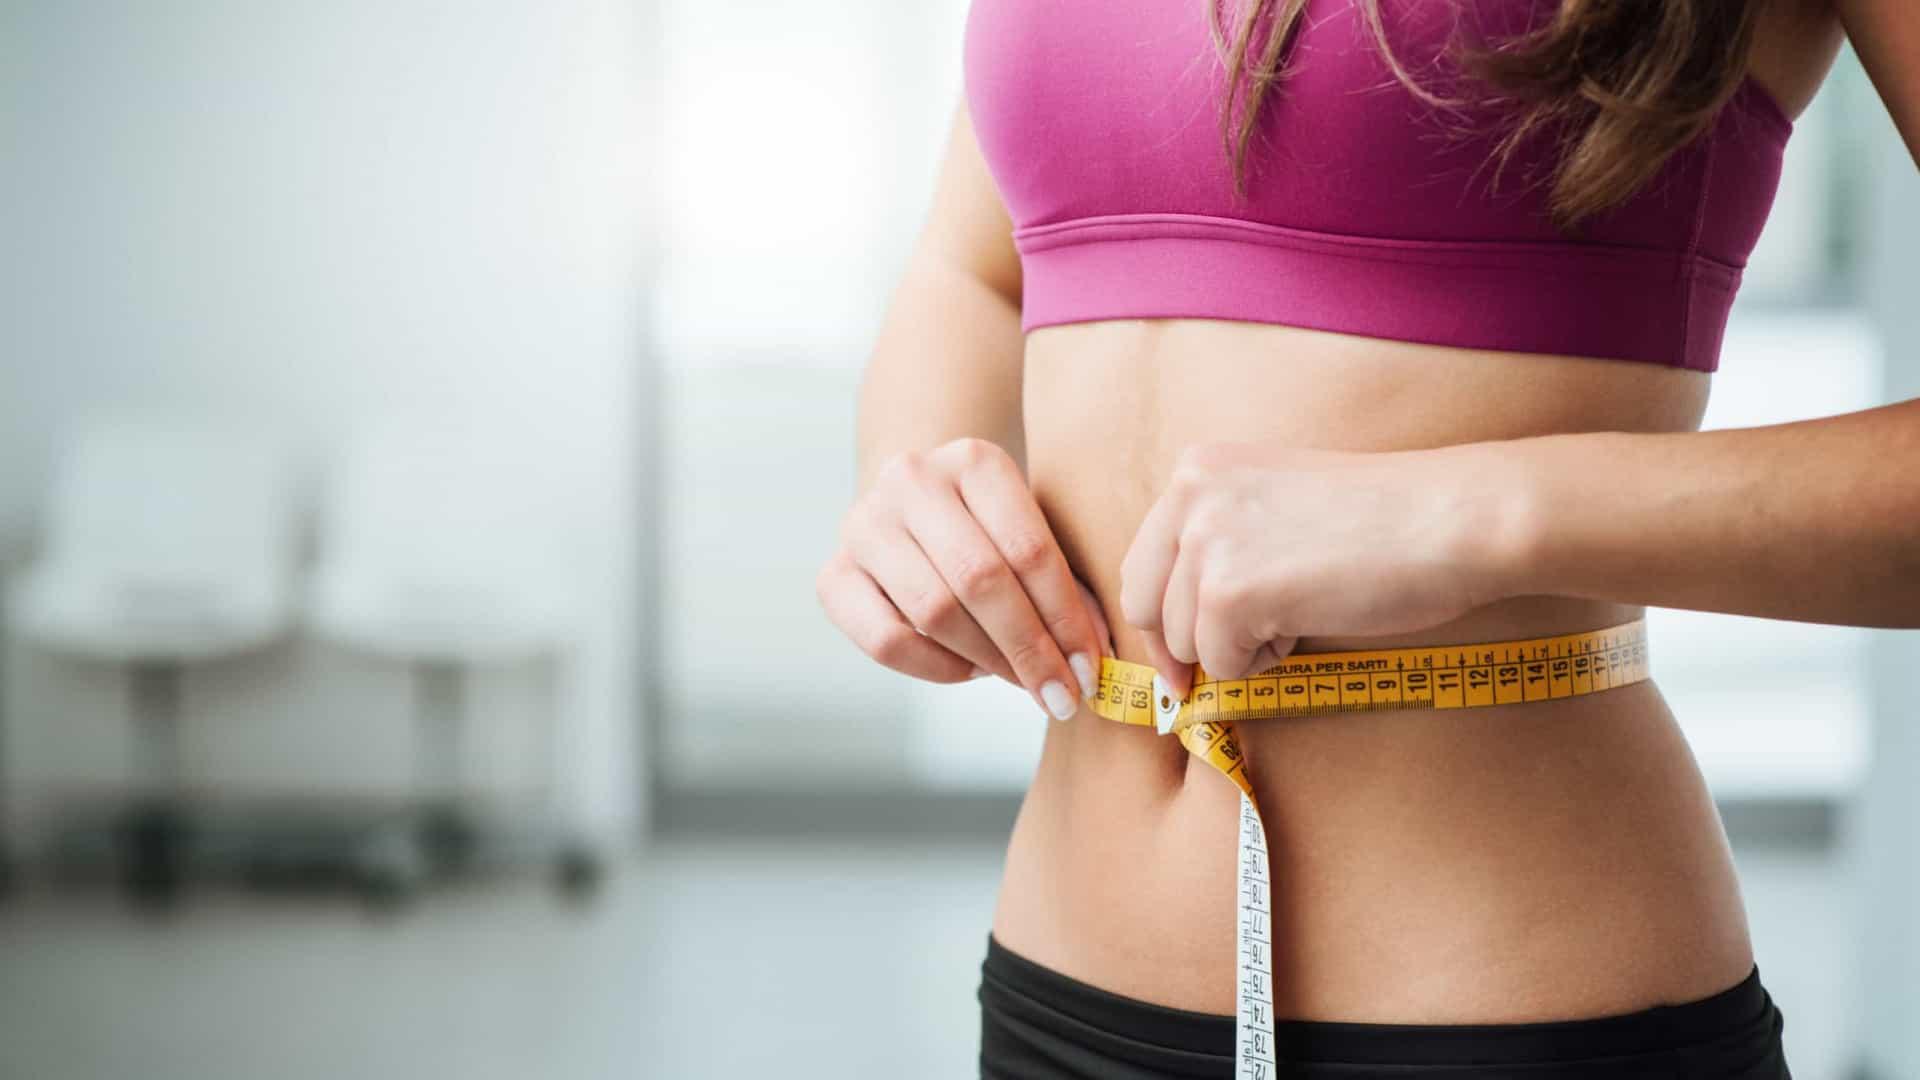 Emagrecer rápido: Mitos e verdades sobre perder gordura na barriga